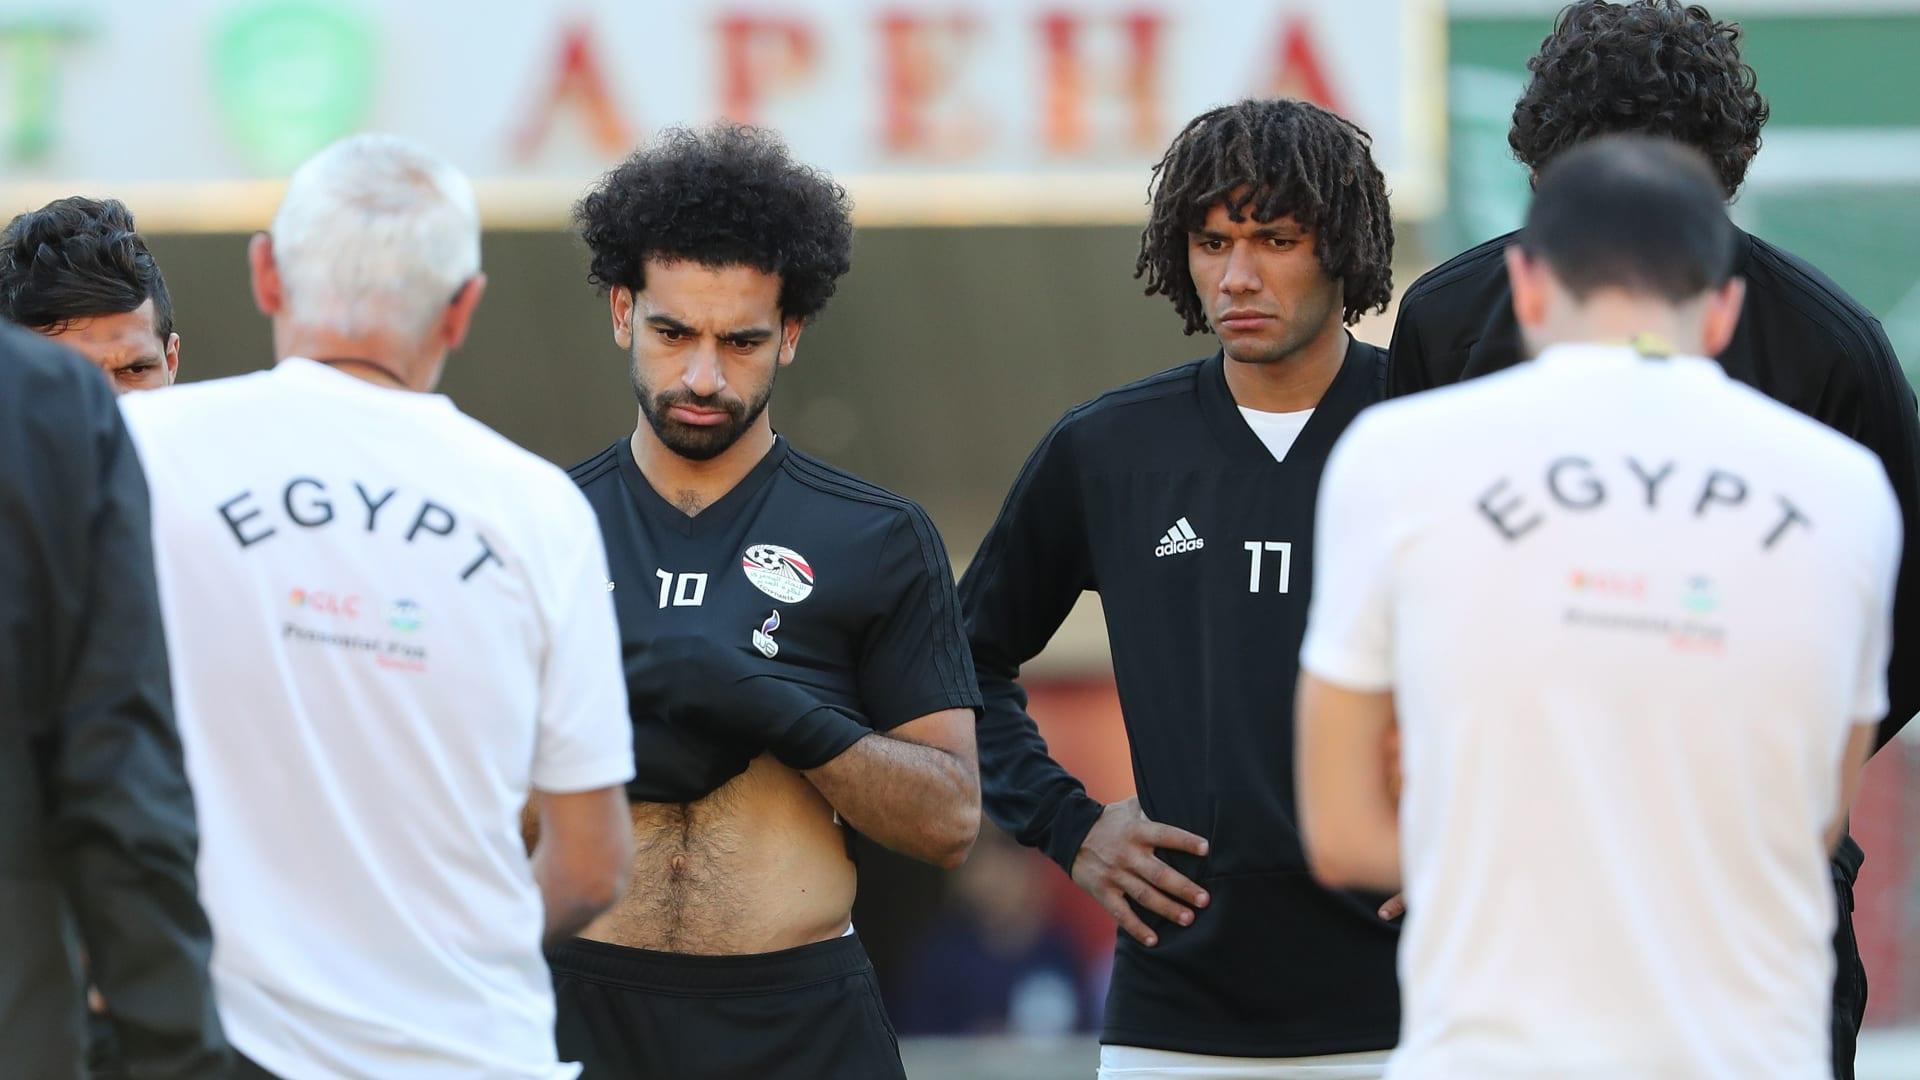 بين محمد صلاح والنني.. لمن مالت كفة الأرقام خلال الموسم الحالي قبل موقعة ليفربول وأرسنال؟